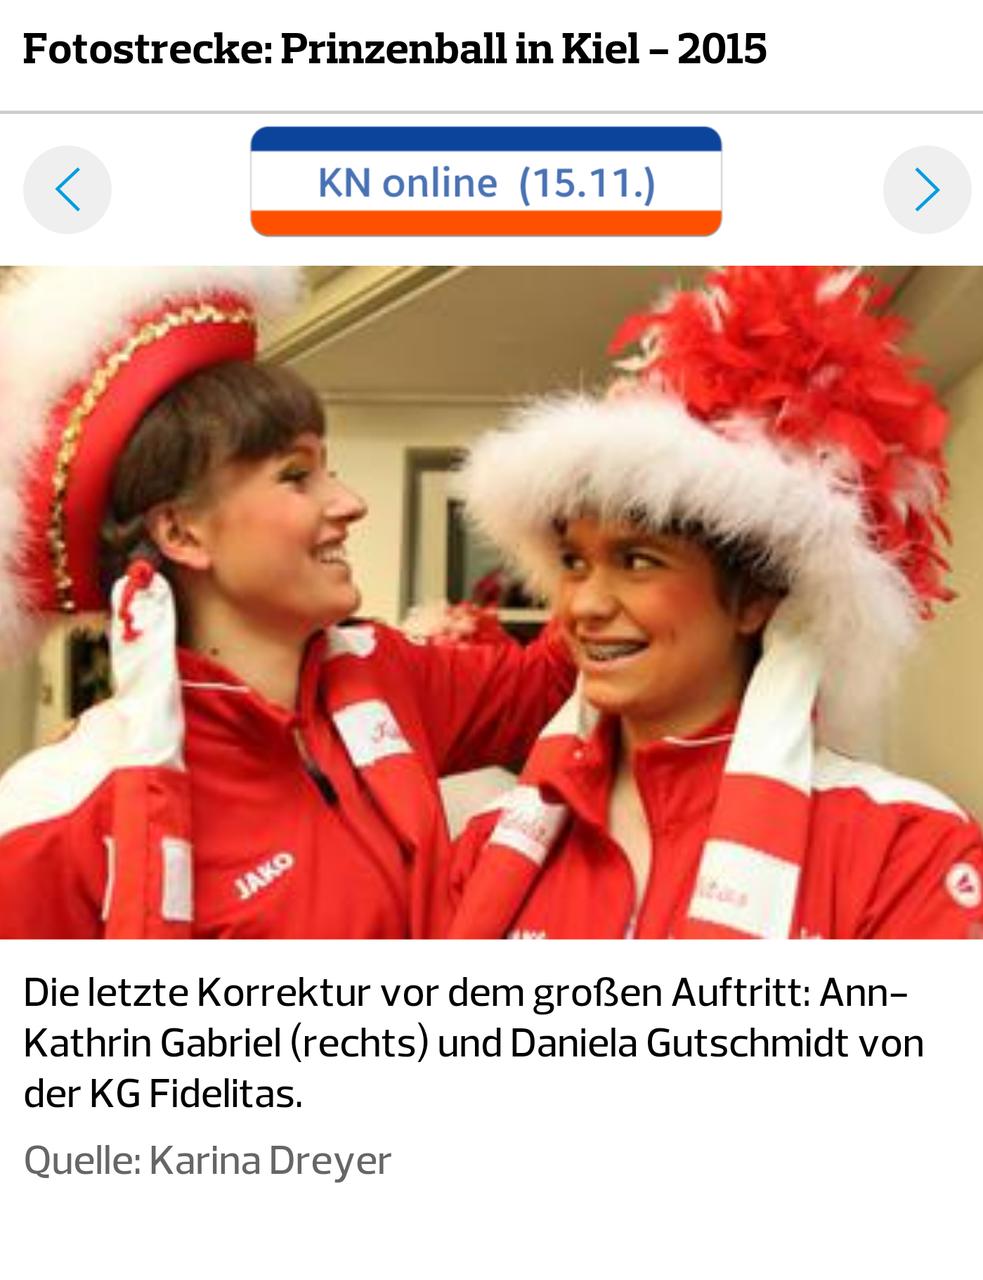 www.kn-online.de 15.11.2015